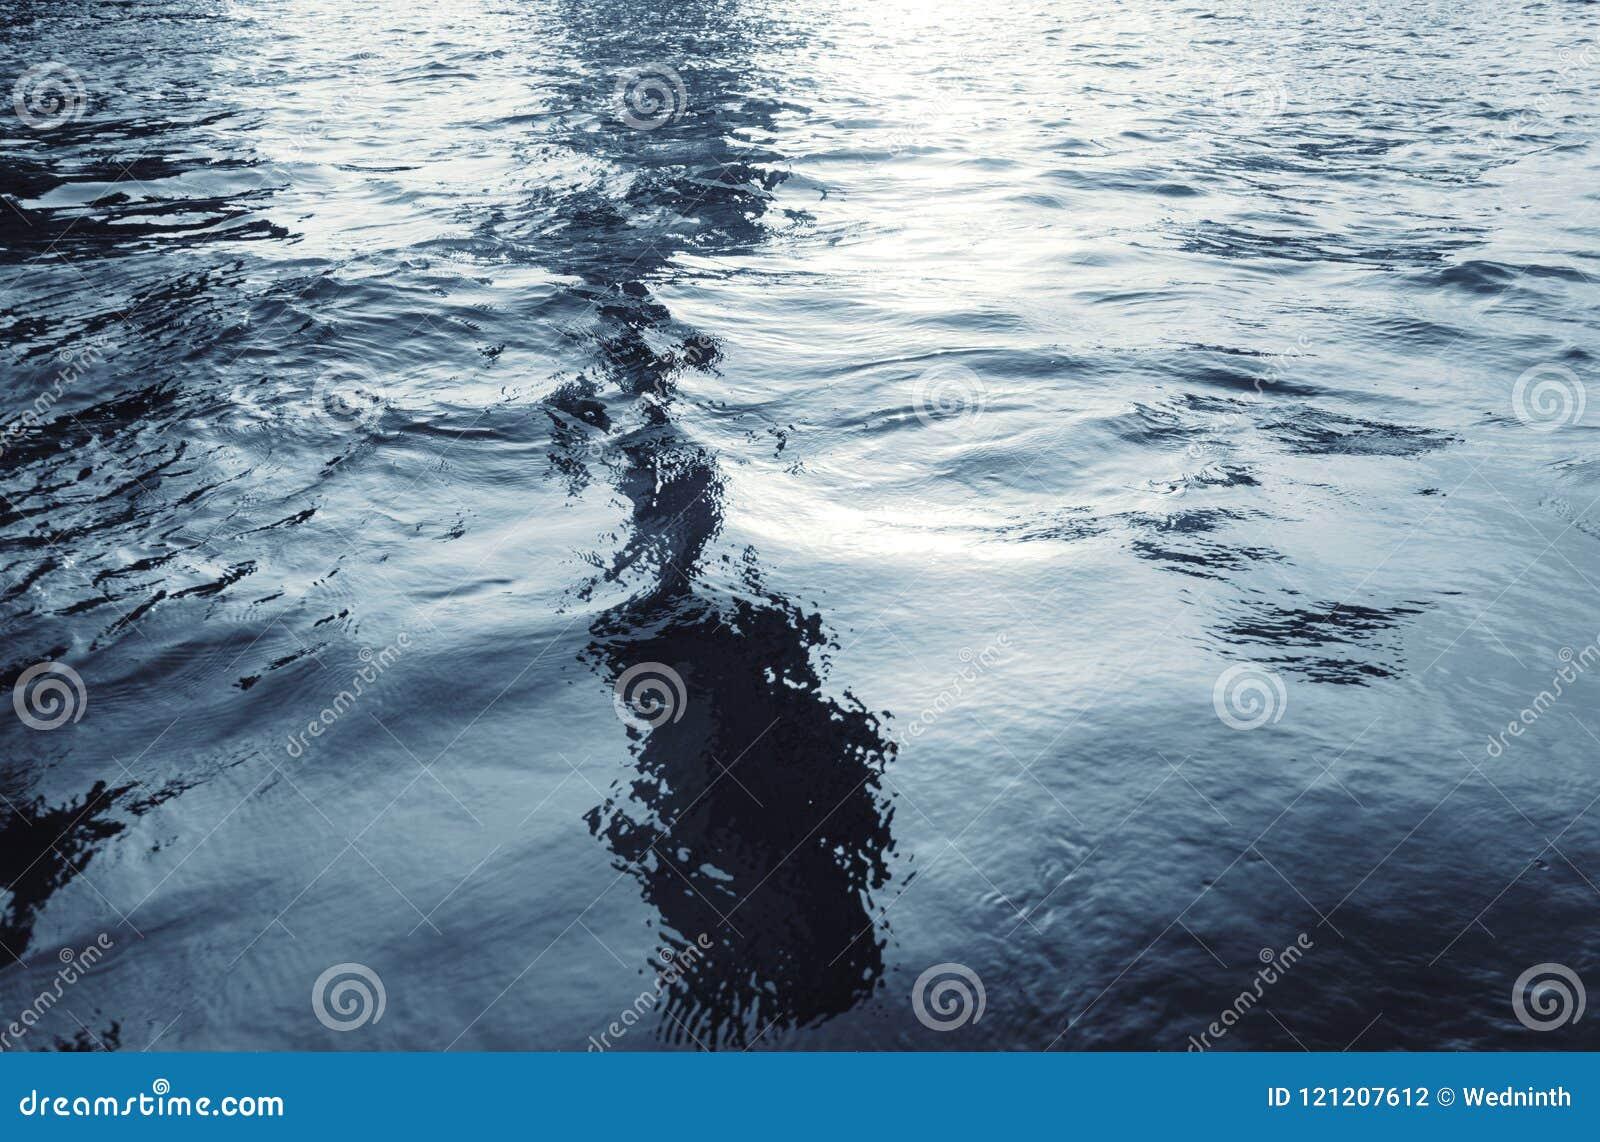 Wodna powierzchnia z czochrami i świateł słonecznych odbiciami